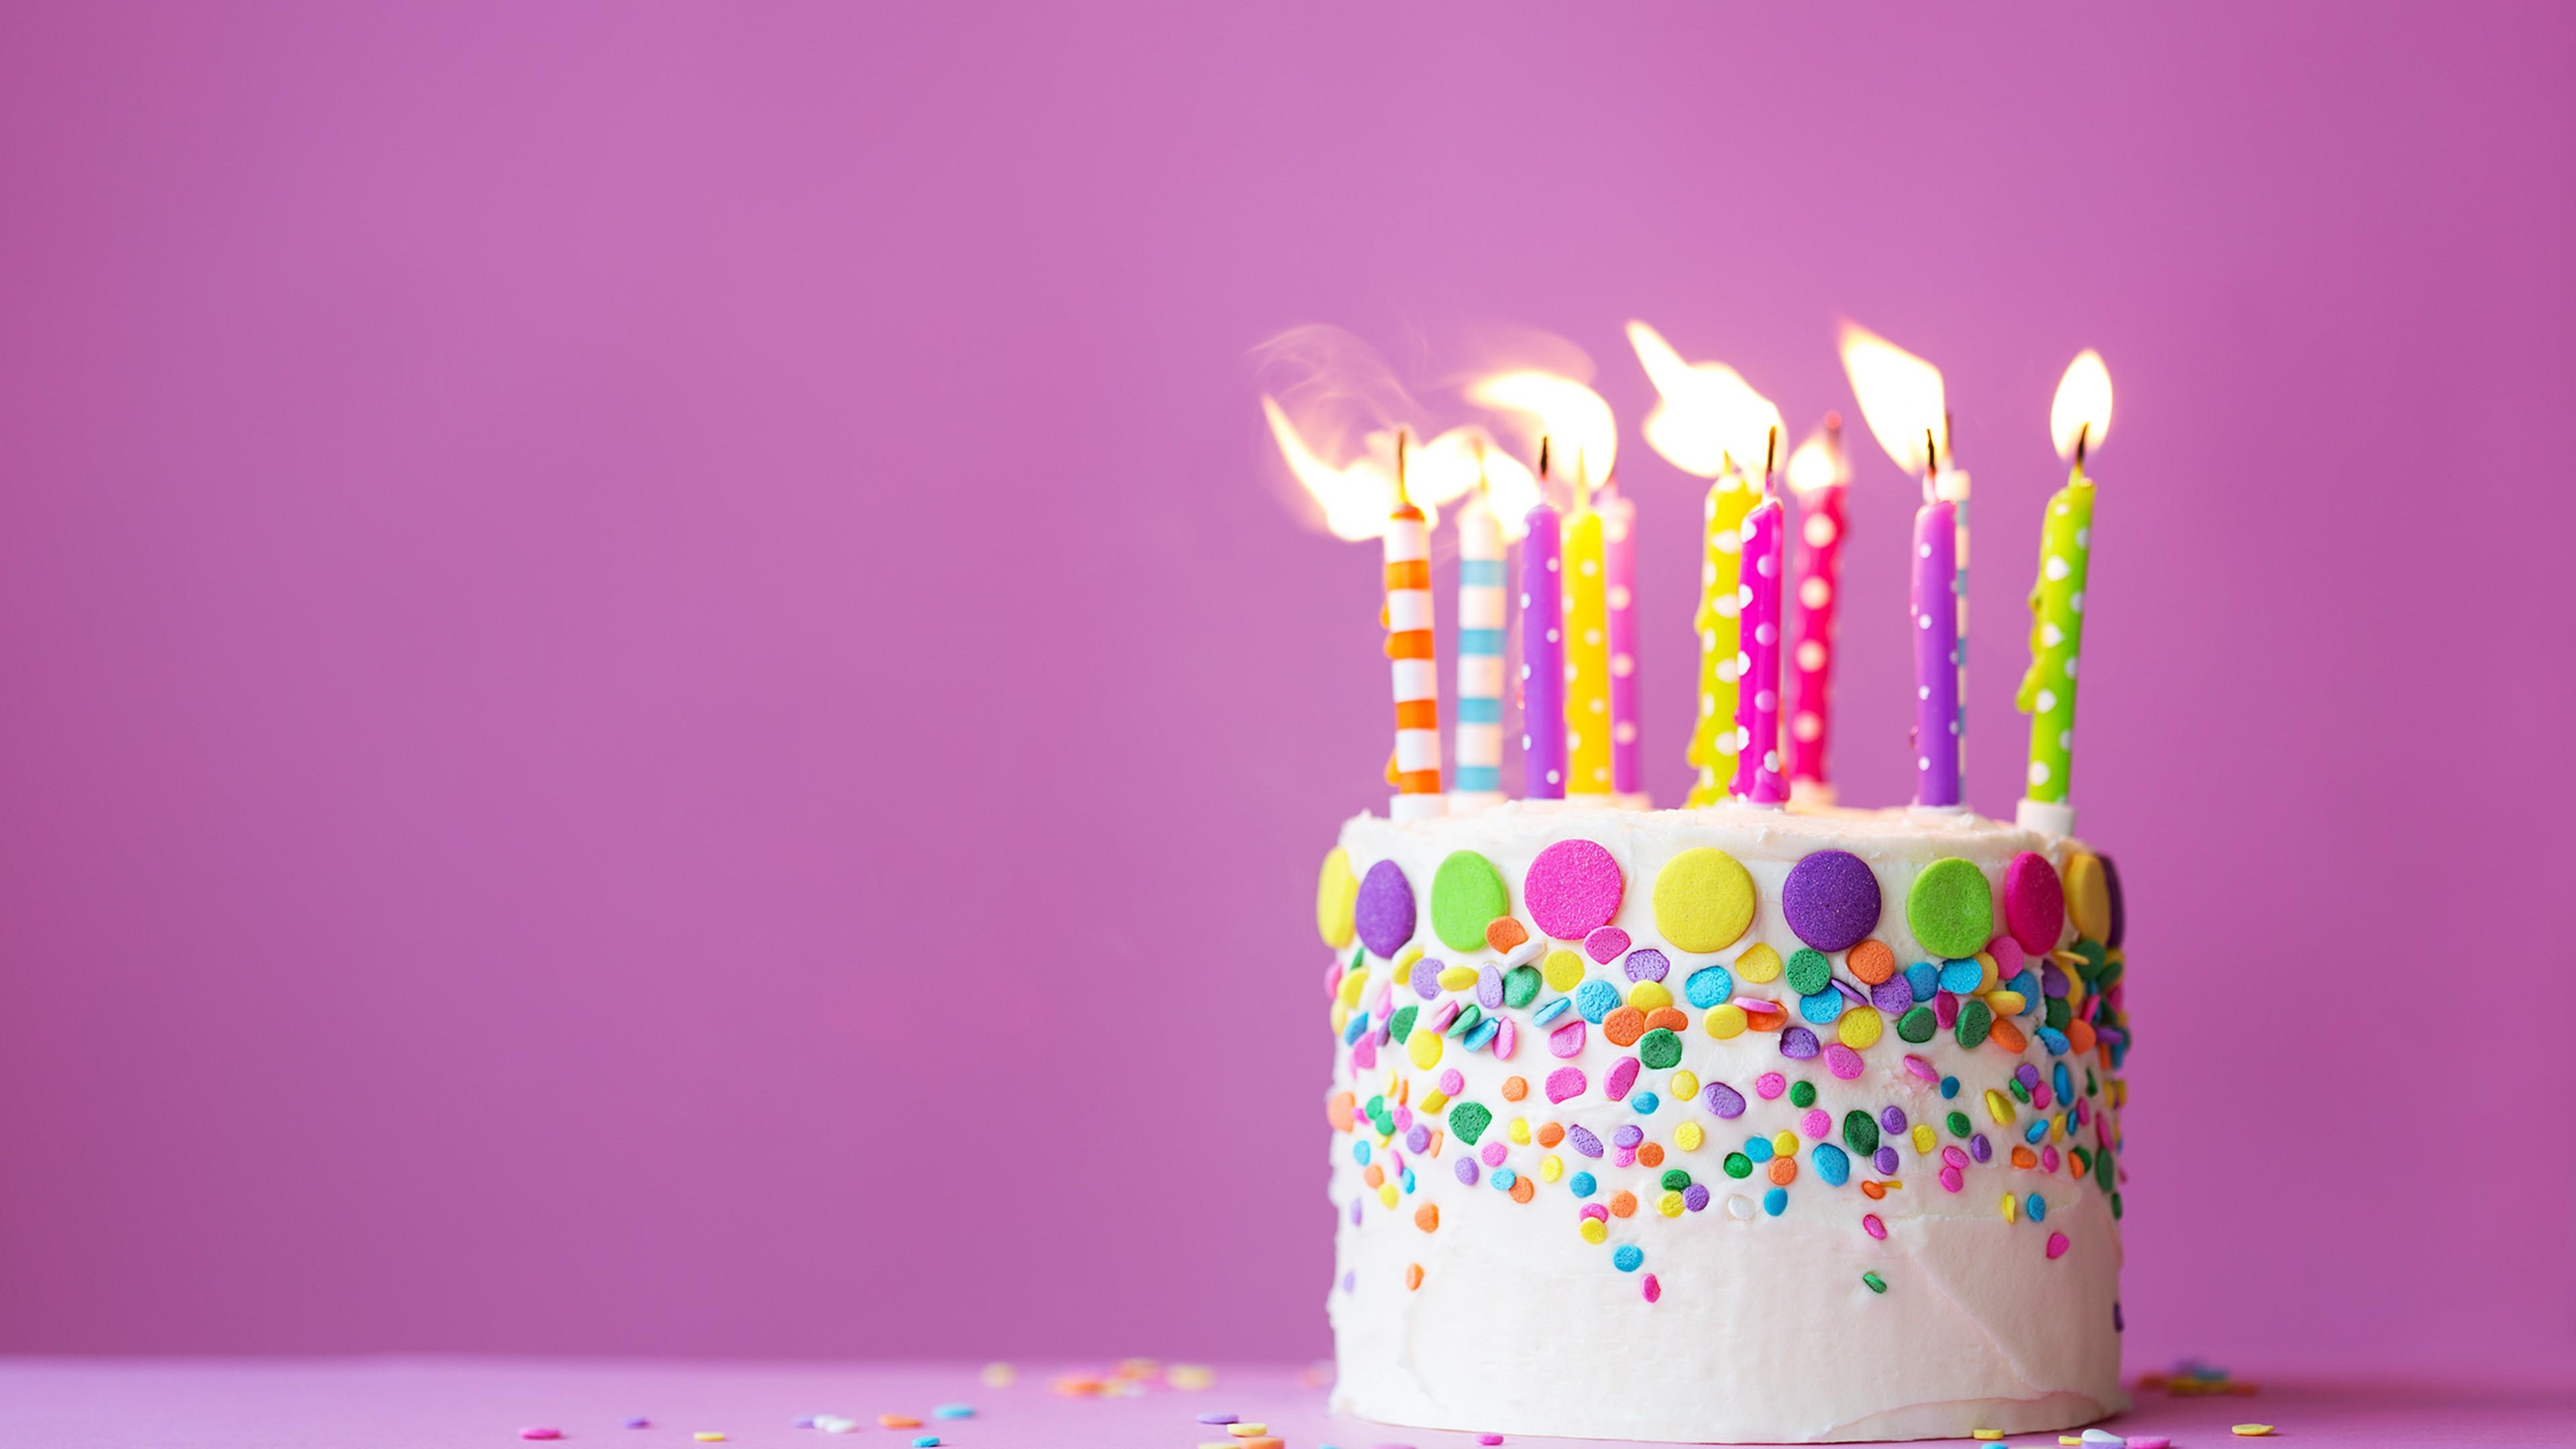 Праздничный торт с разноцветными пылающими пламенем свечей на сиреневом фоне